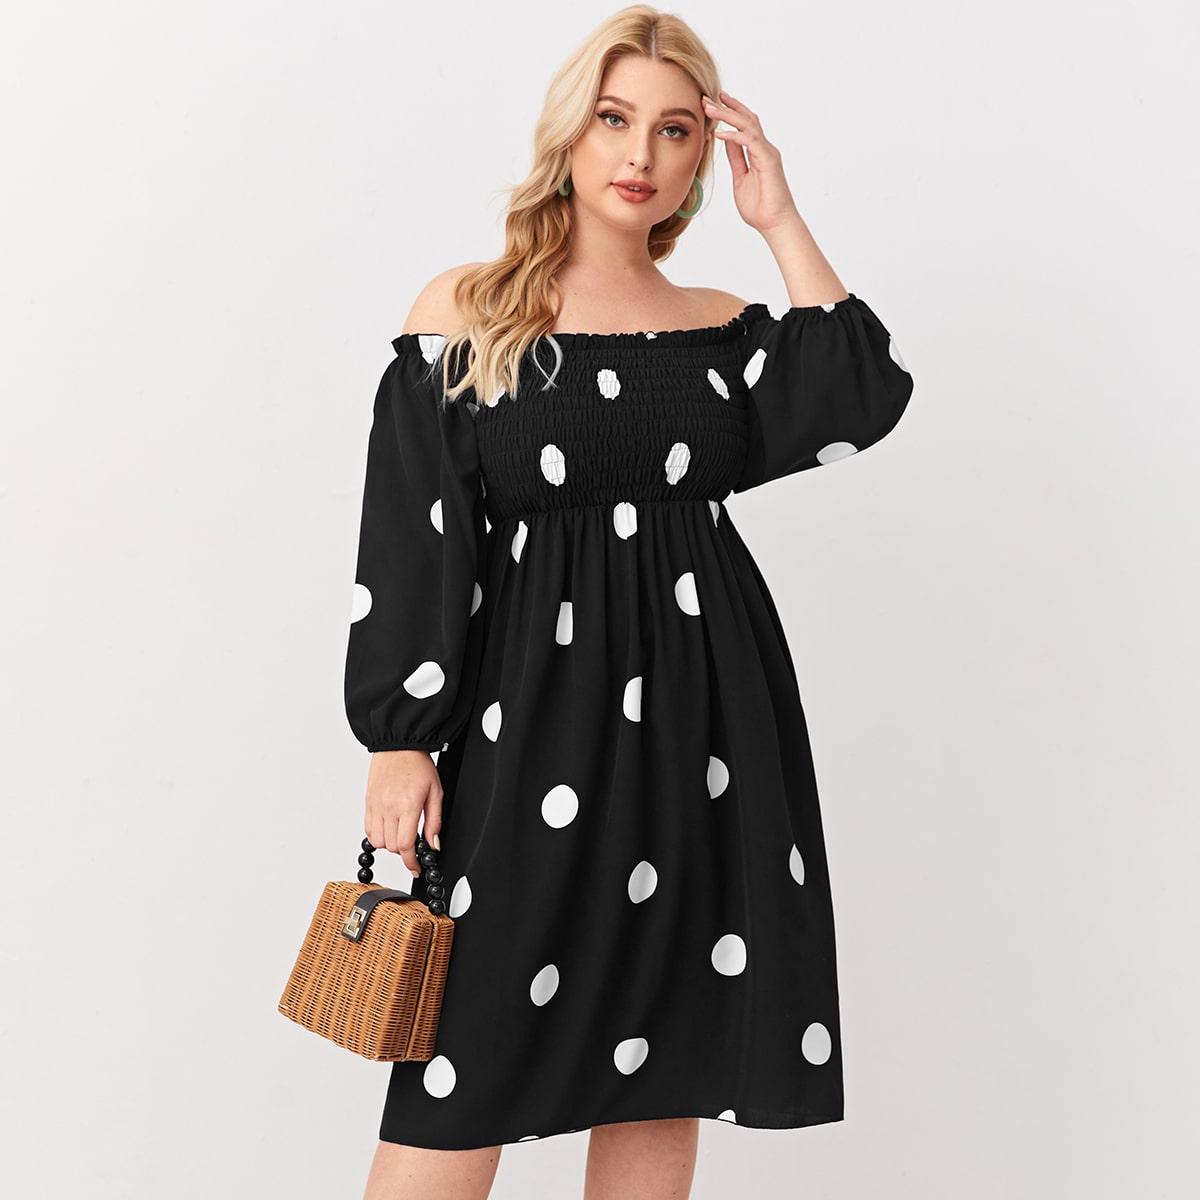 Платье размера плюс с открытыми плечами в горошек